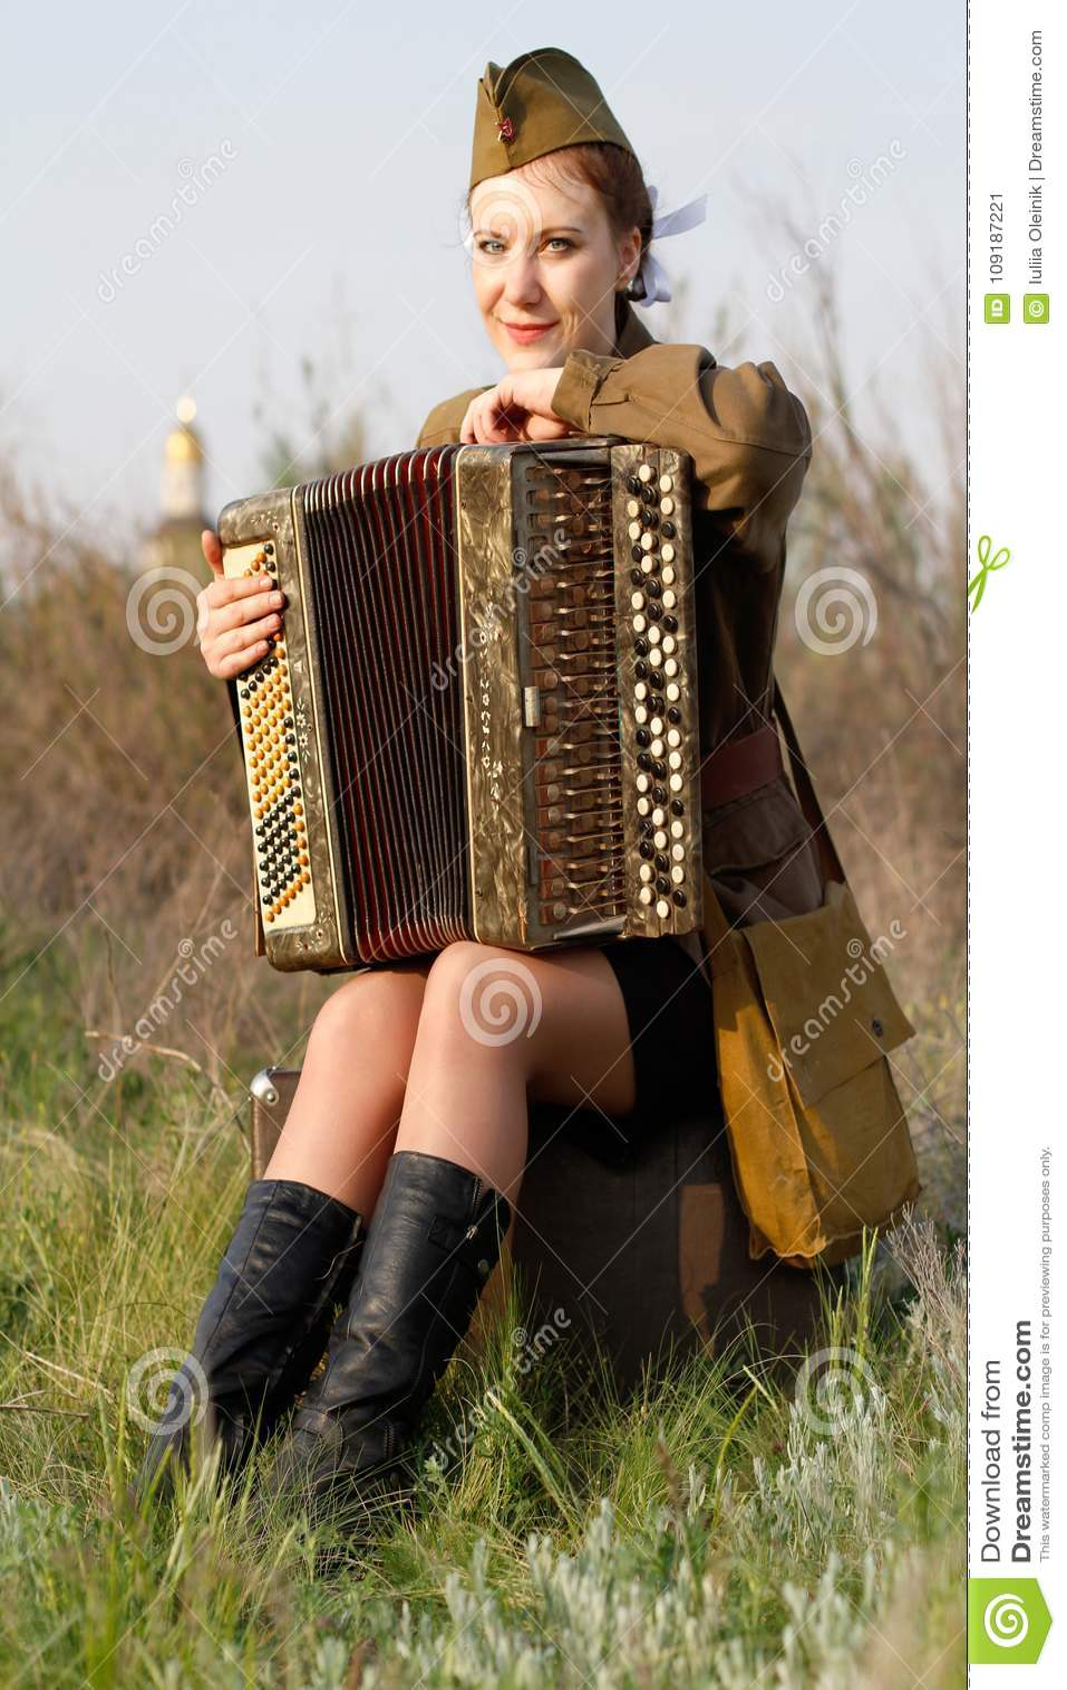 De sovjet vrouwelijke militair in eenvormig van Wereldoorlog II zit met een harmonika op een koffer